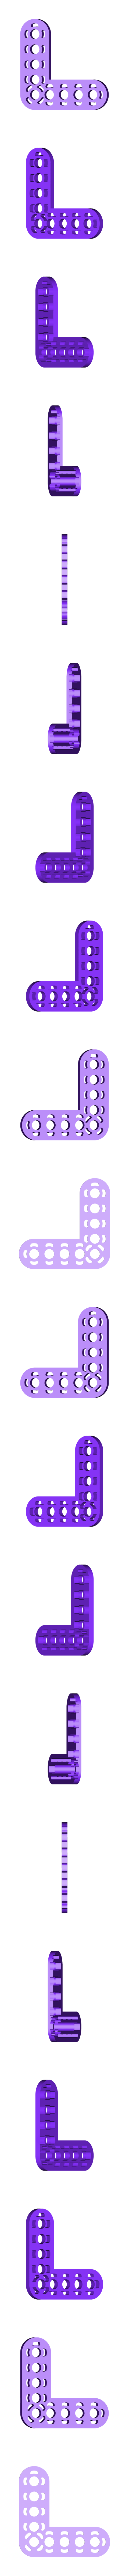 L_5_5.STL Télécharger fichier STL gratuit MEGA Expansion 200+ Pièces • Plan à imprimer en 3D, Pwentey